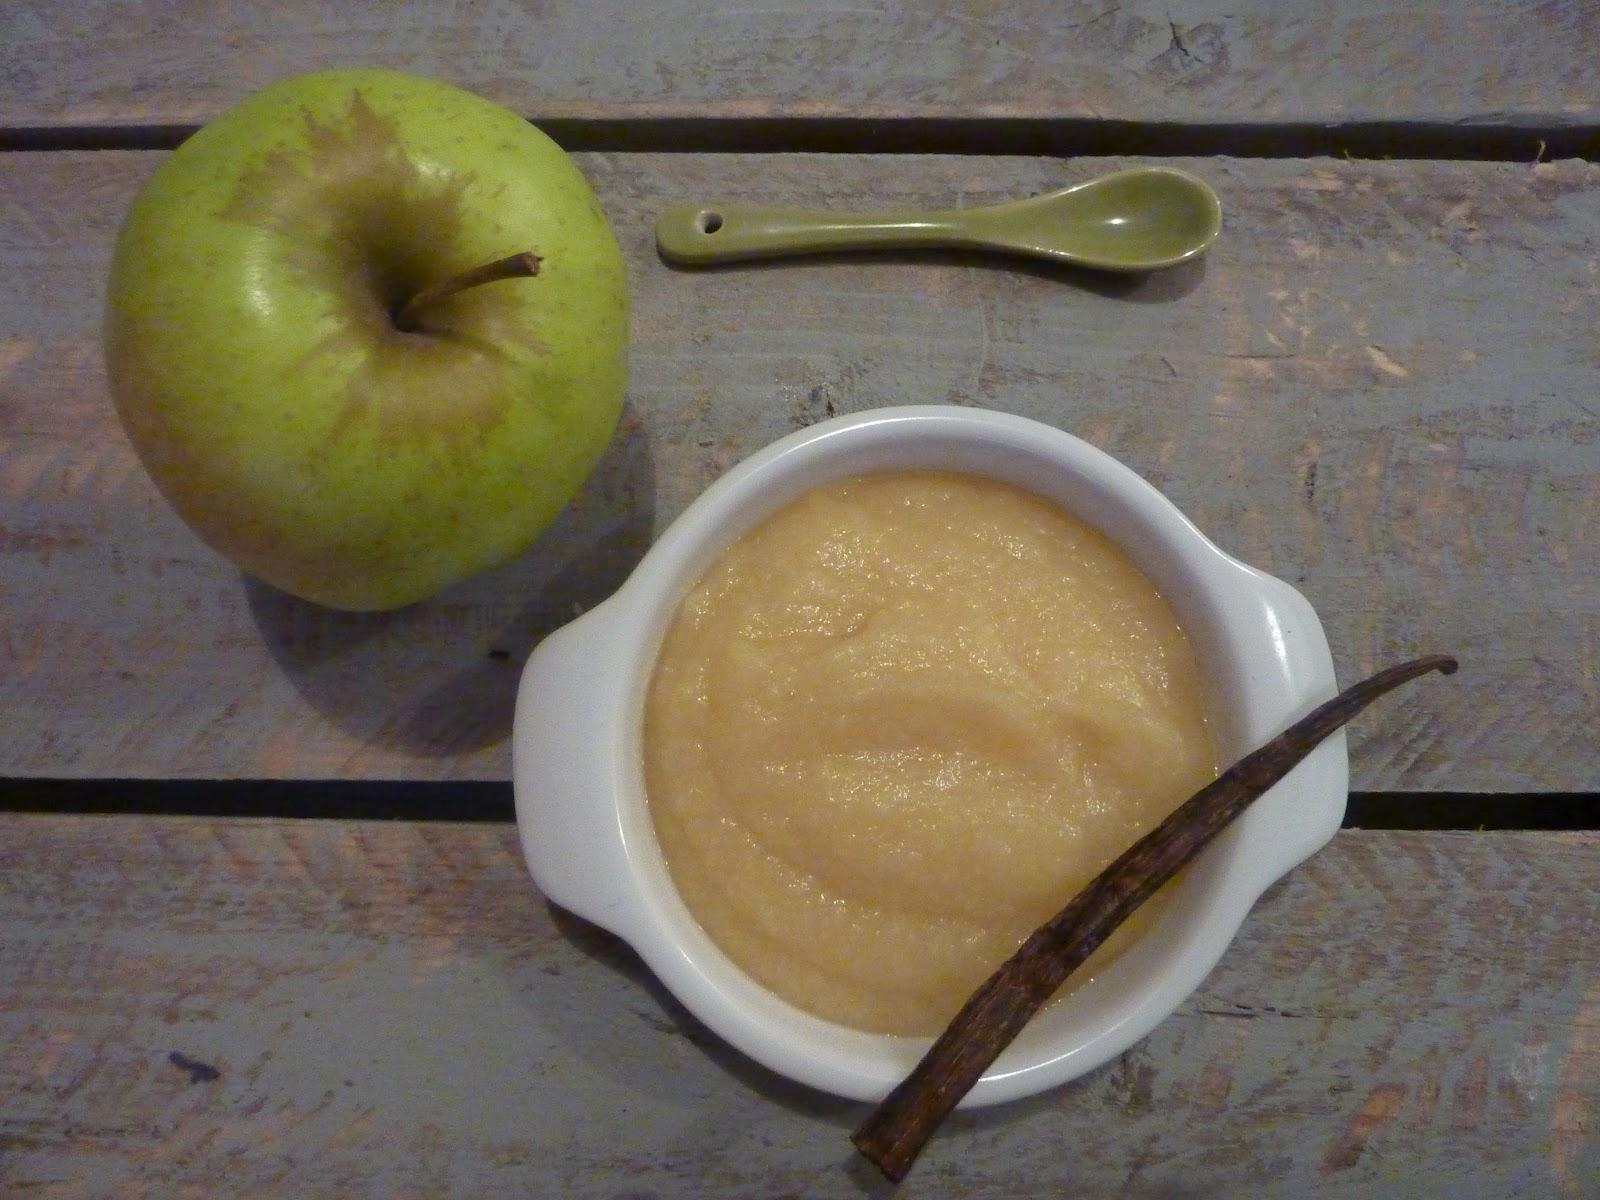 Compote pommes coings et vanille au thermomix mongraind 39 sel - Compote de poire maison ...